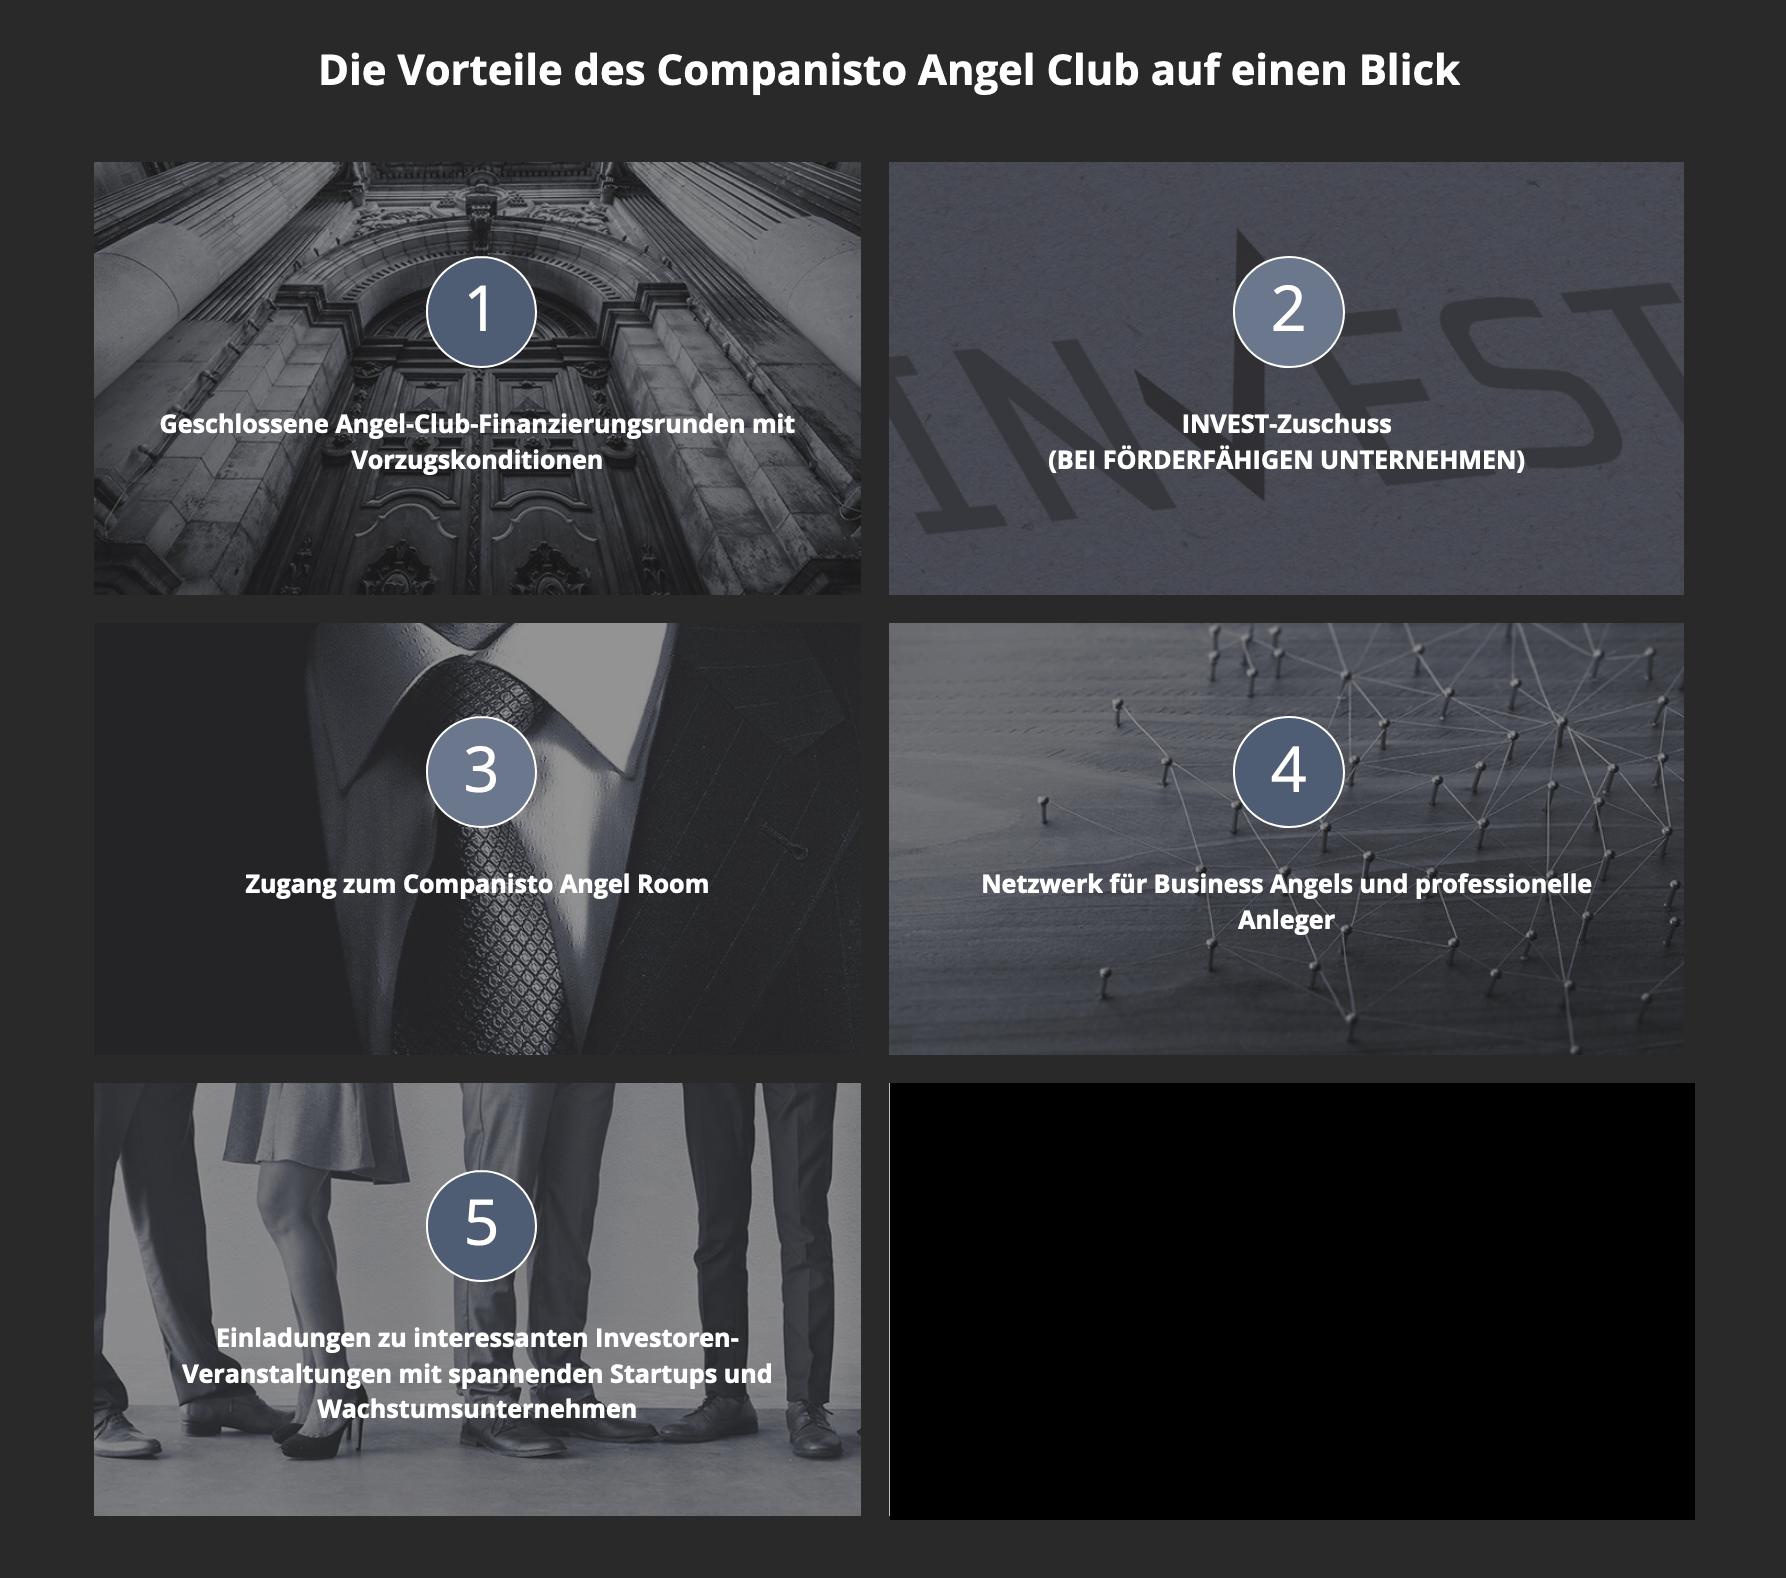 Companisto Angel Club Vorteile